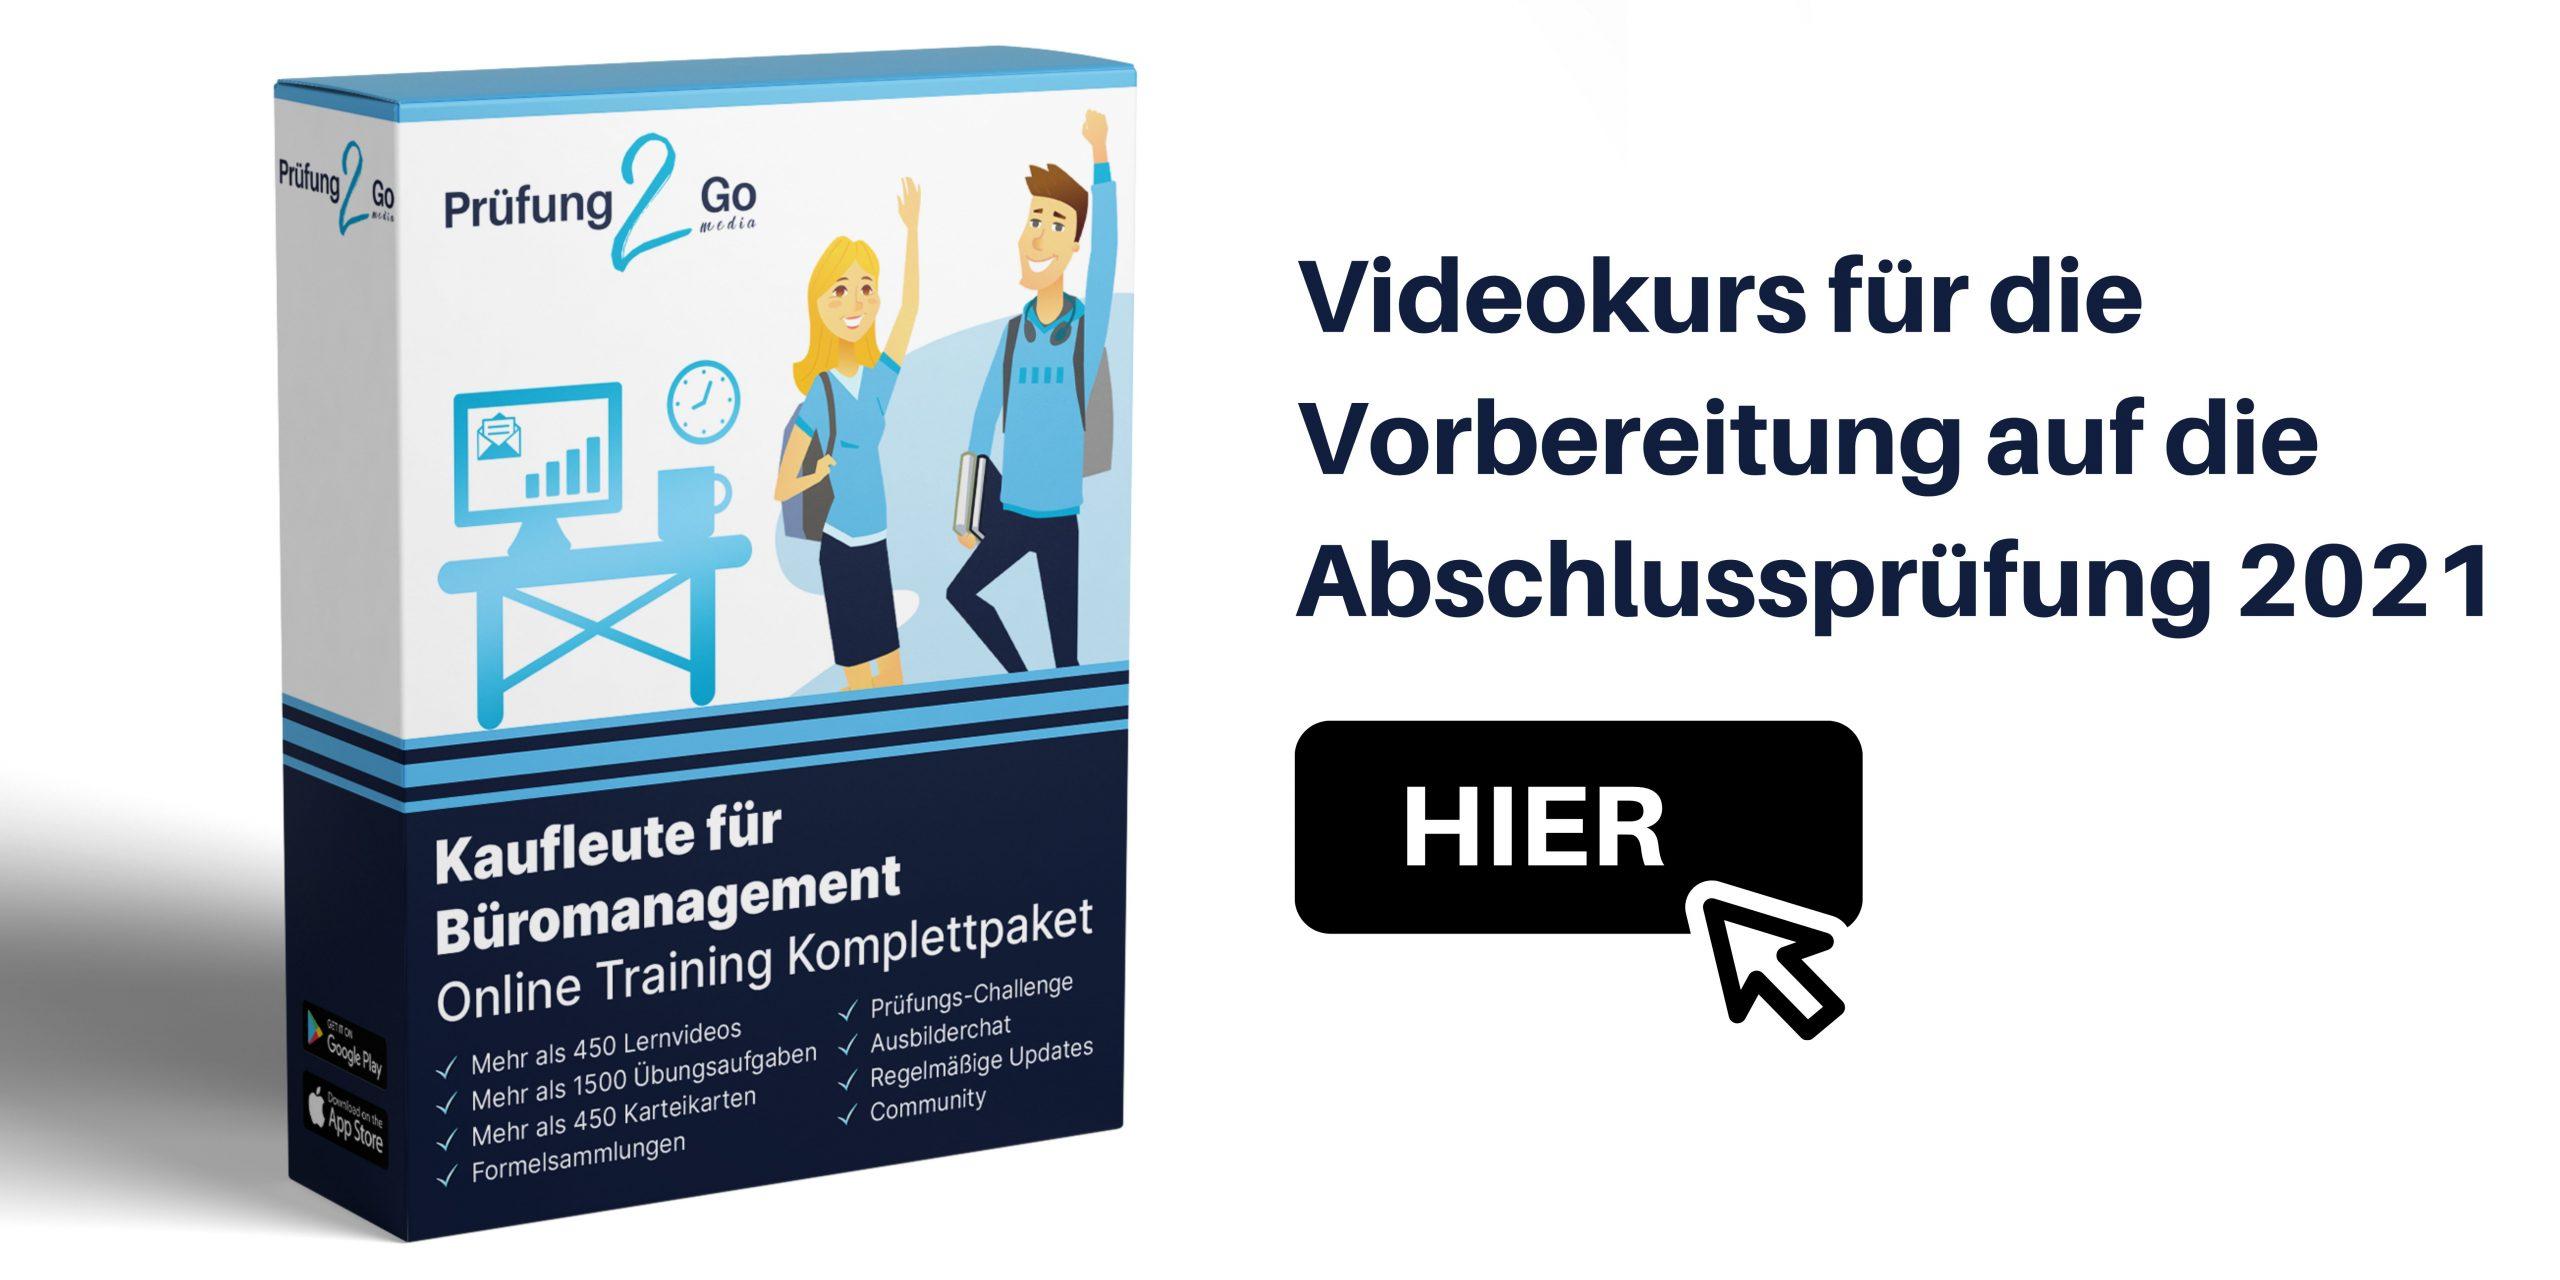 Abschlussprüfung Büromanagement 2021